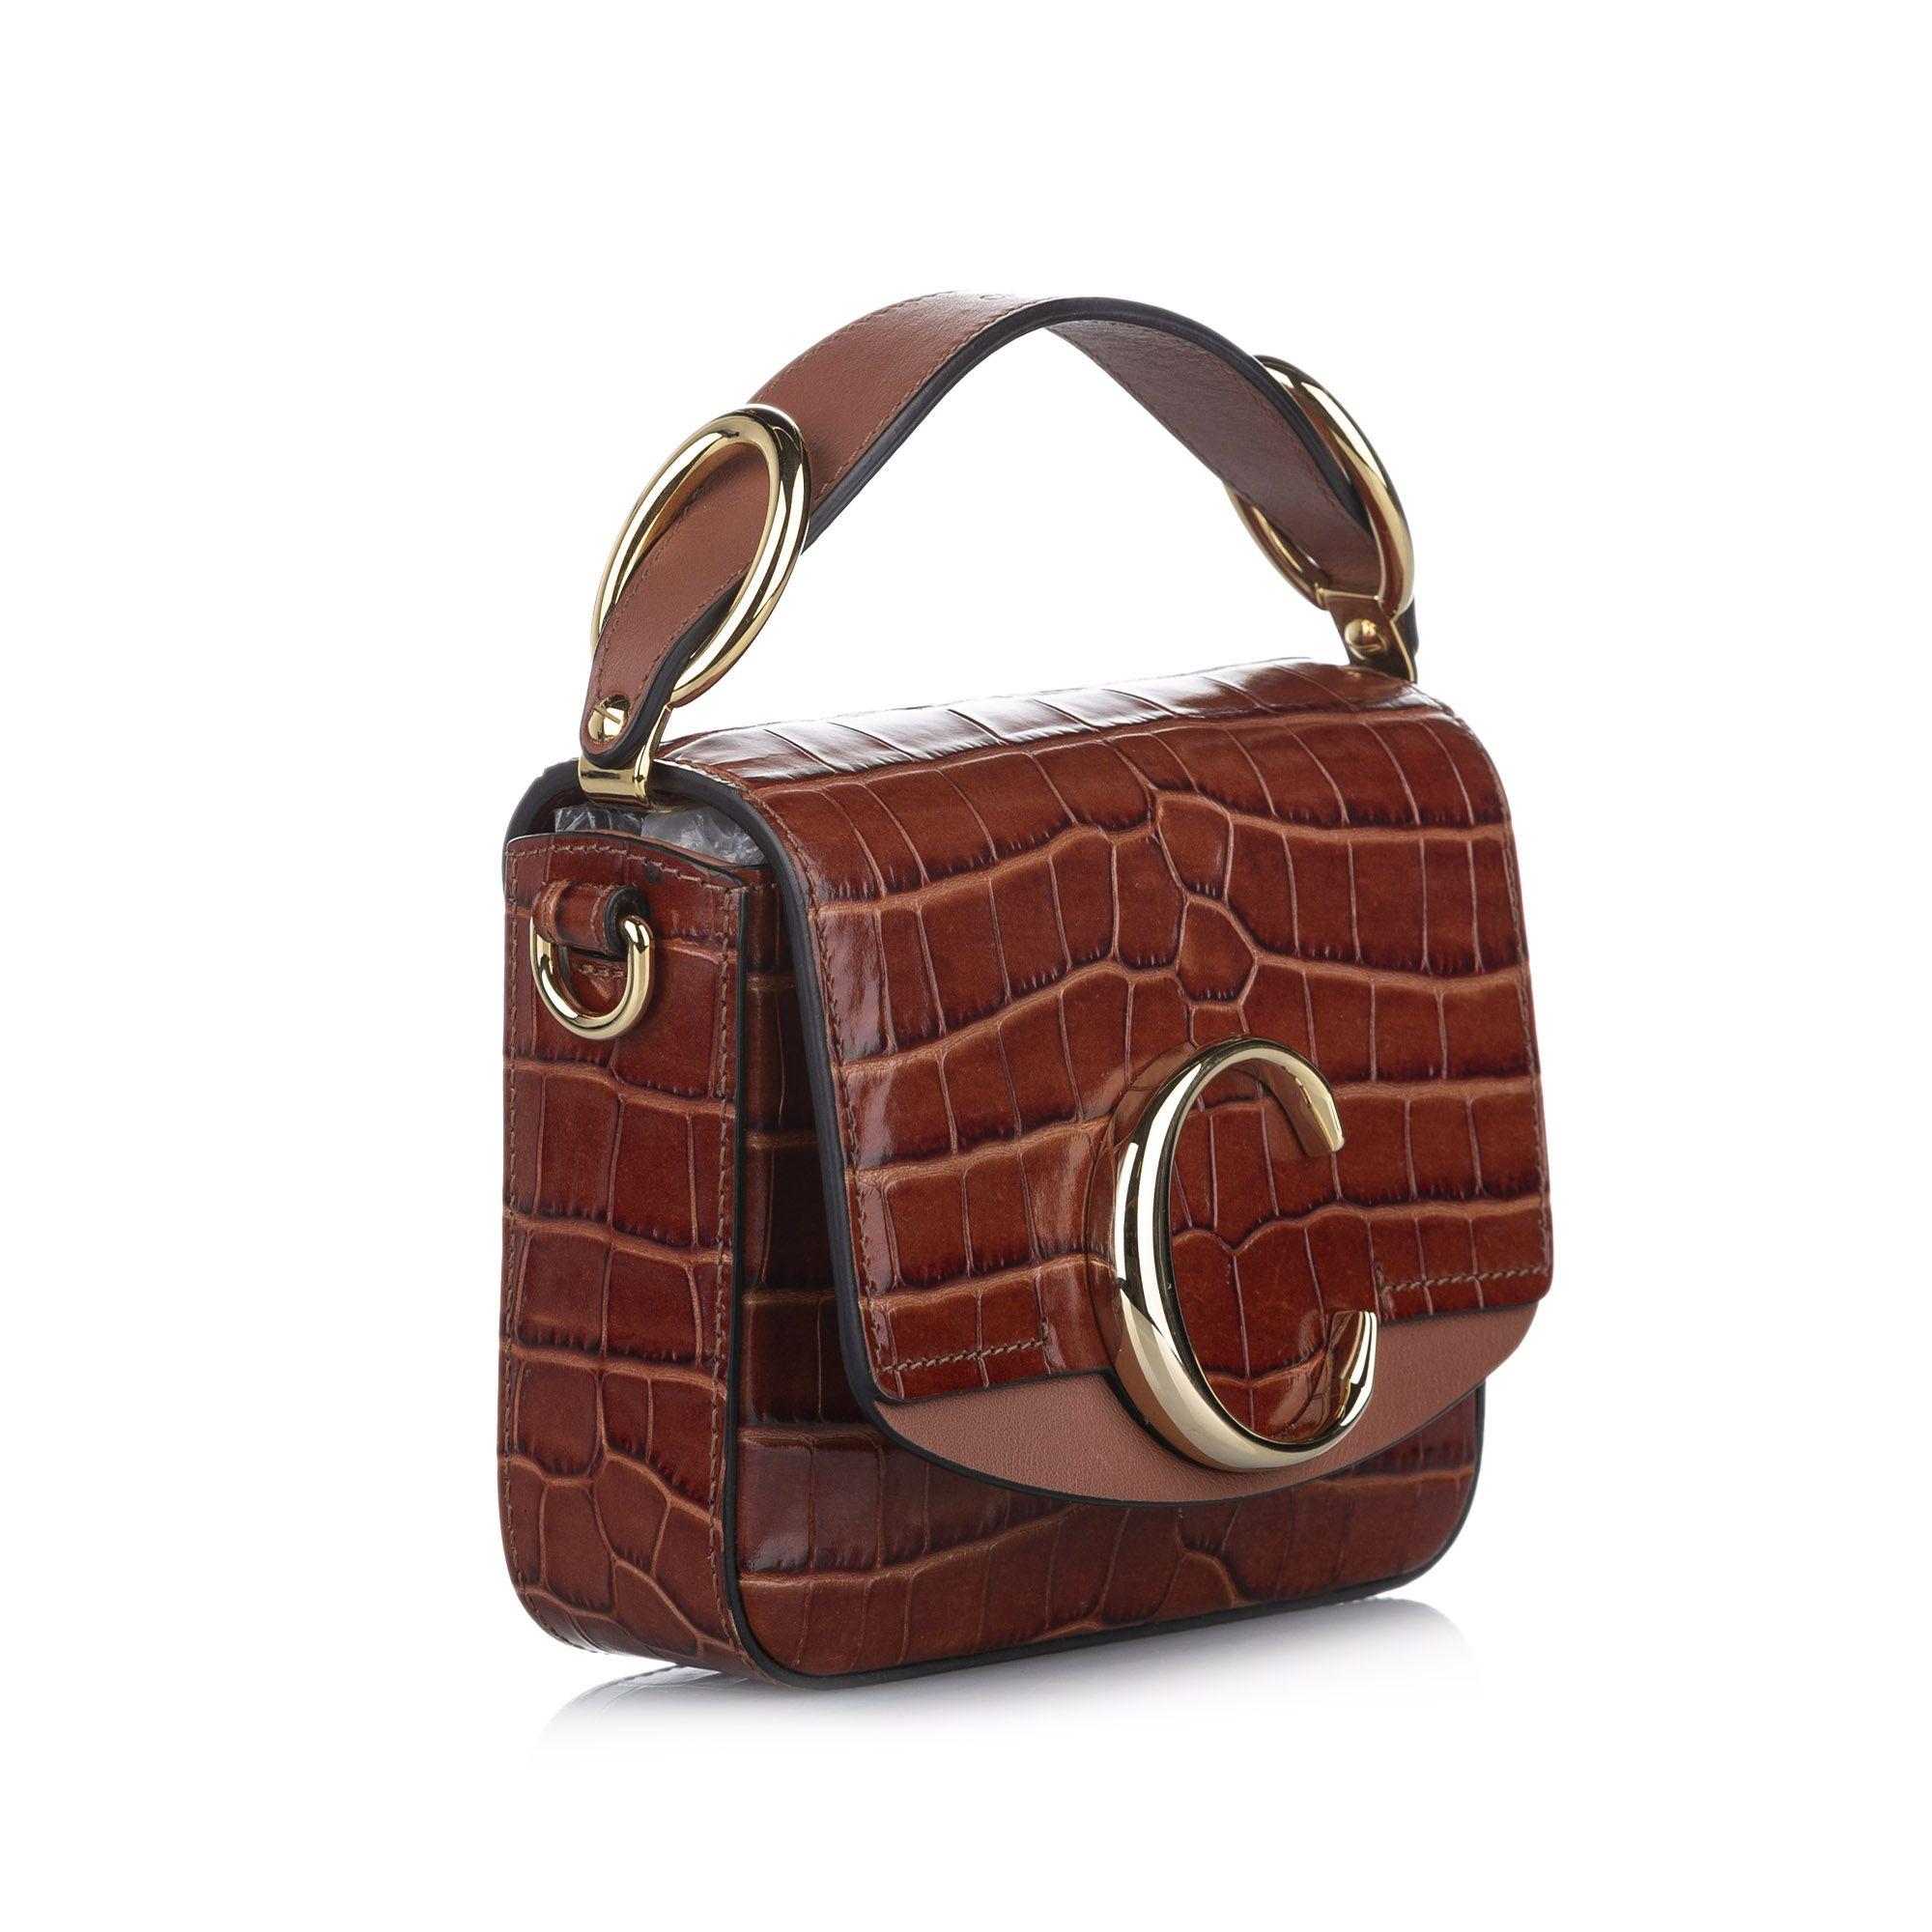 Vintage Chloe Mini C Leather Satchel Brown